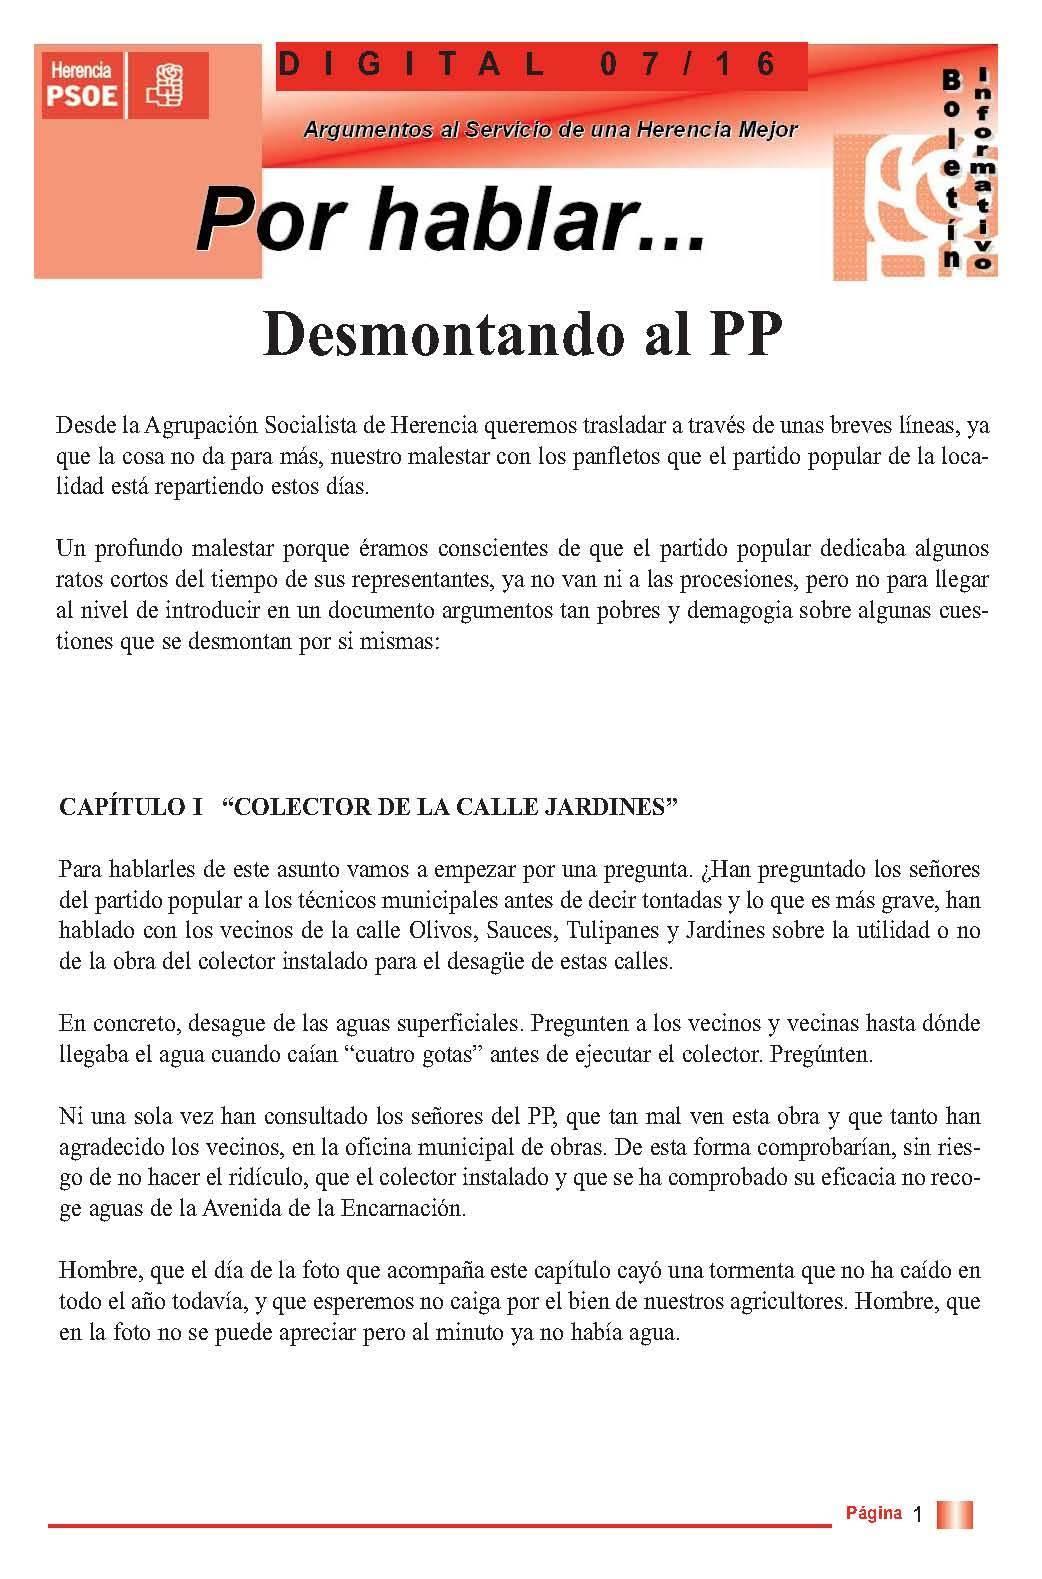 boletin informatico psoe herencia desmontando al pp 1 - PSOE responde al boletín del PP con otro boletín